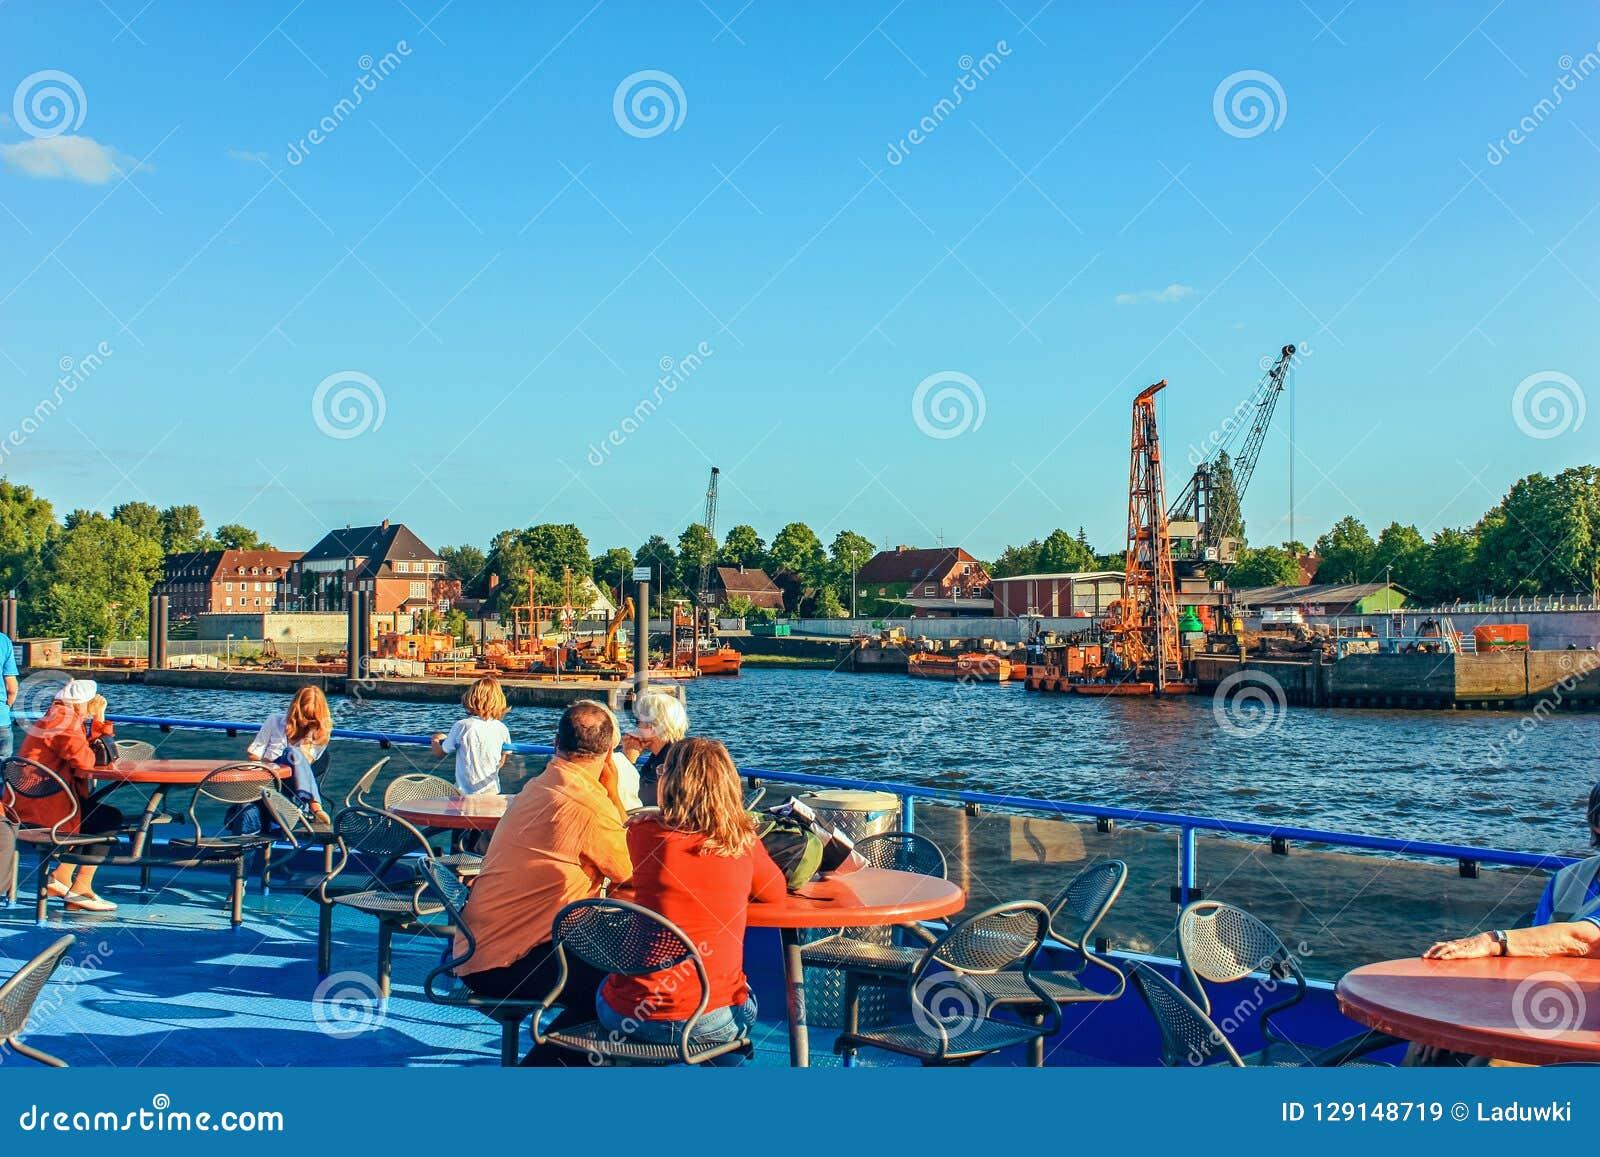 De veerboten van het rivier openbare vervoer en de bussen van de passagiersrivier op routes op de Elbe Rivier Hamburg Duitsland